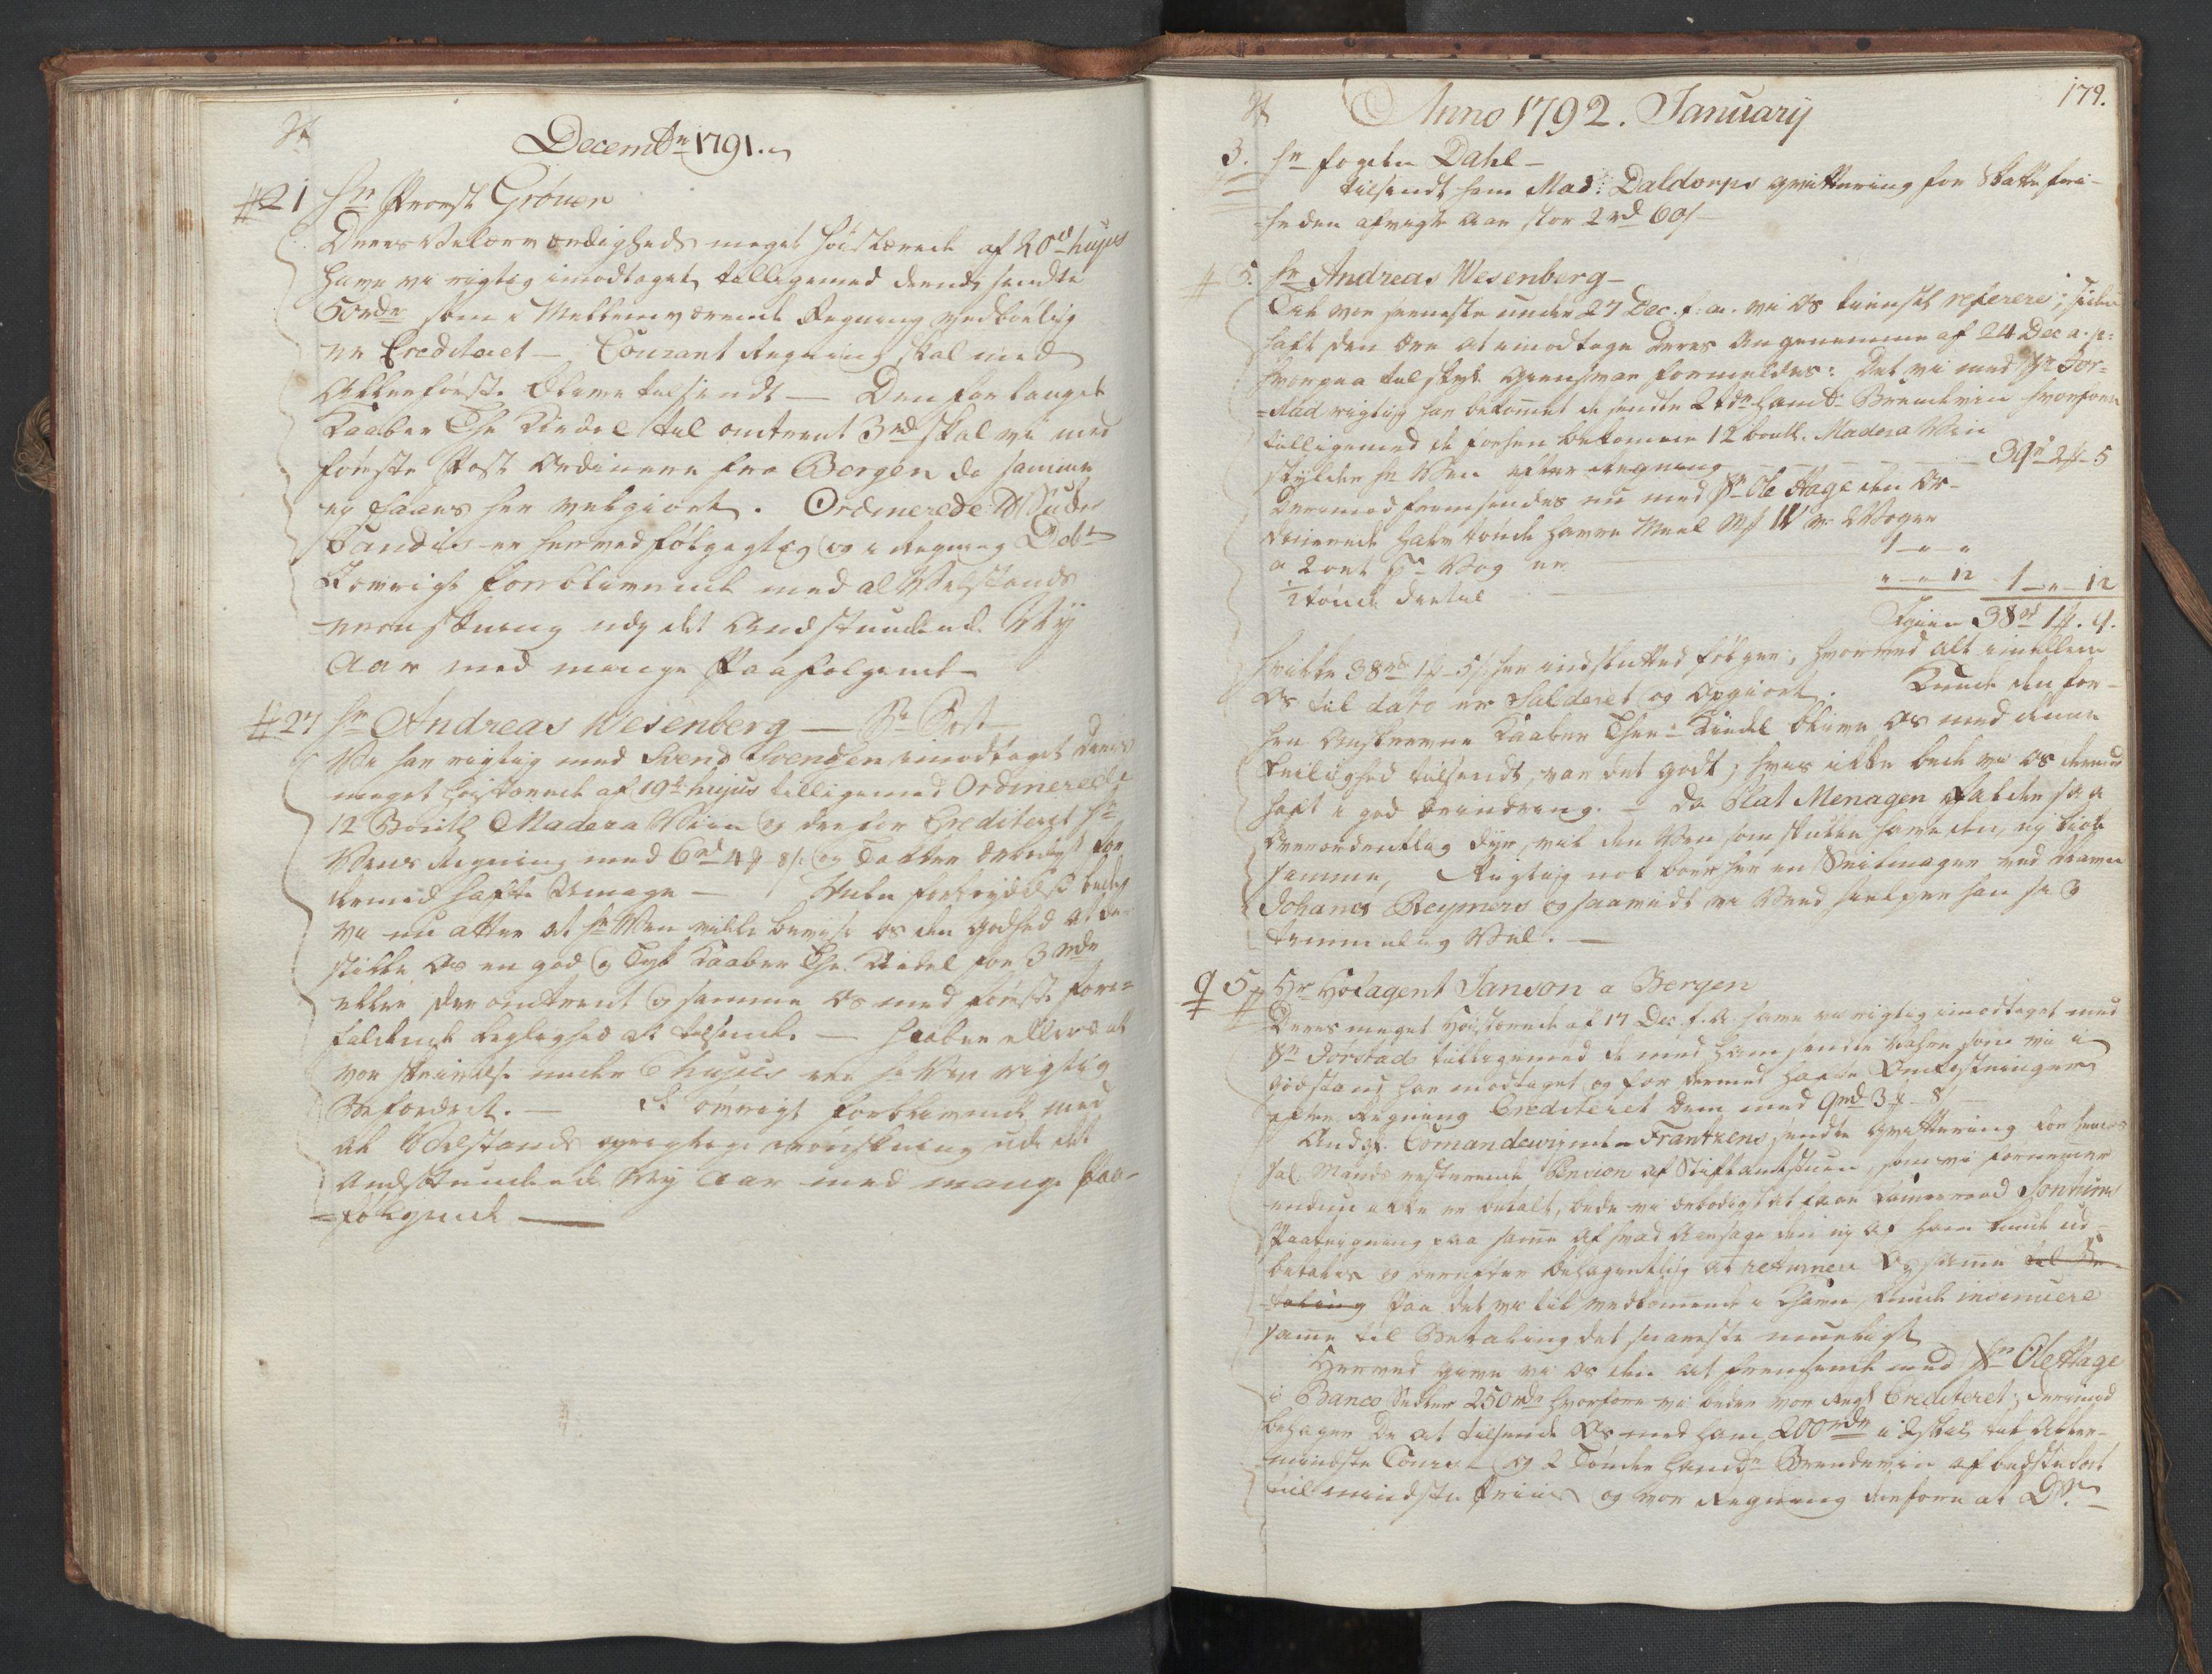 SAST, Pa 0003 - Ploug & Sundt, handelshuset, B/L0006: Kopibok, 1788-1793, s. 178b-179a